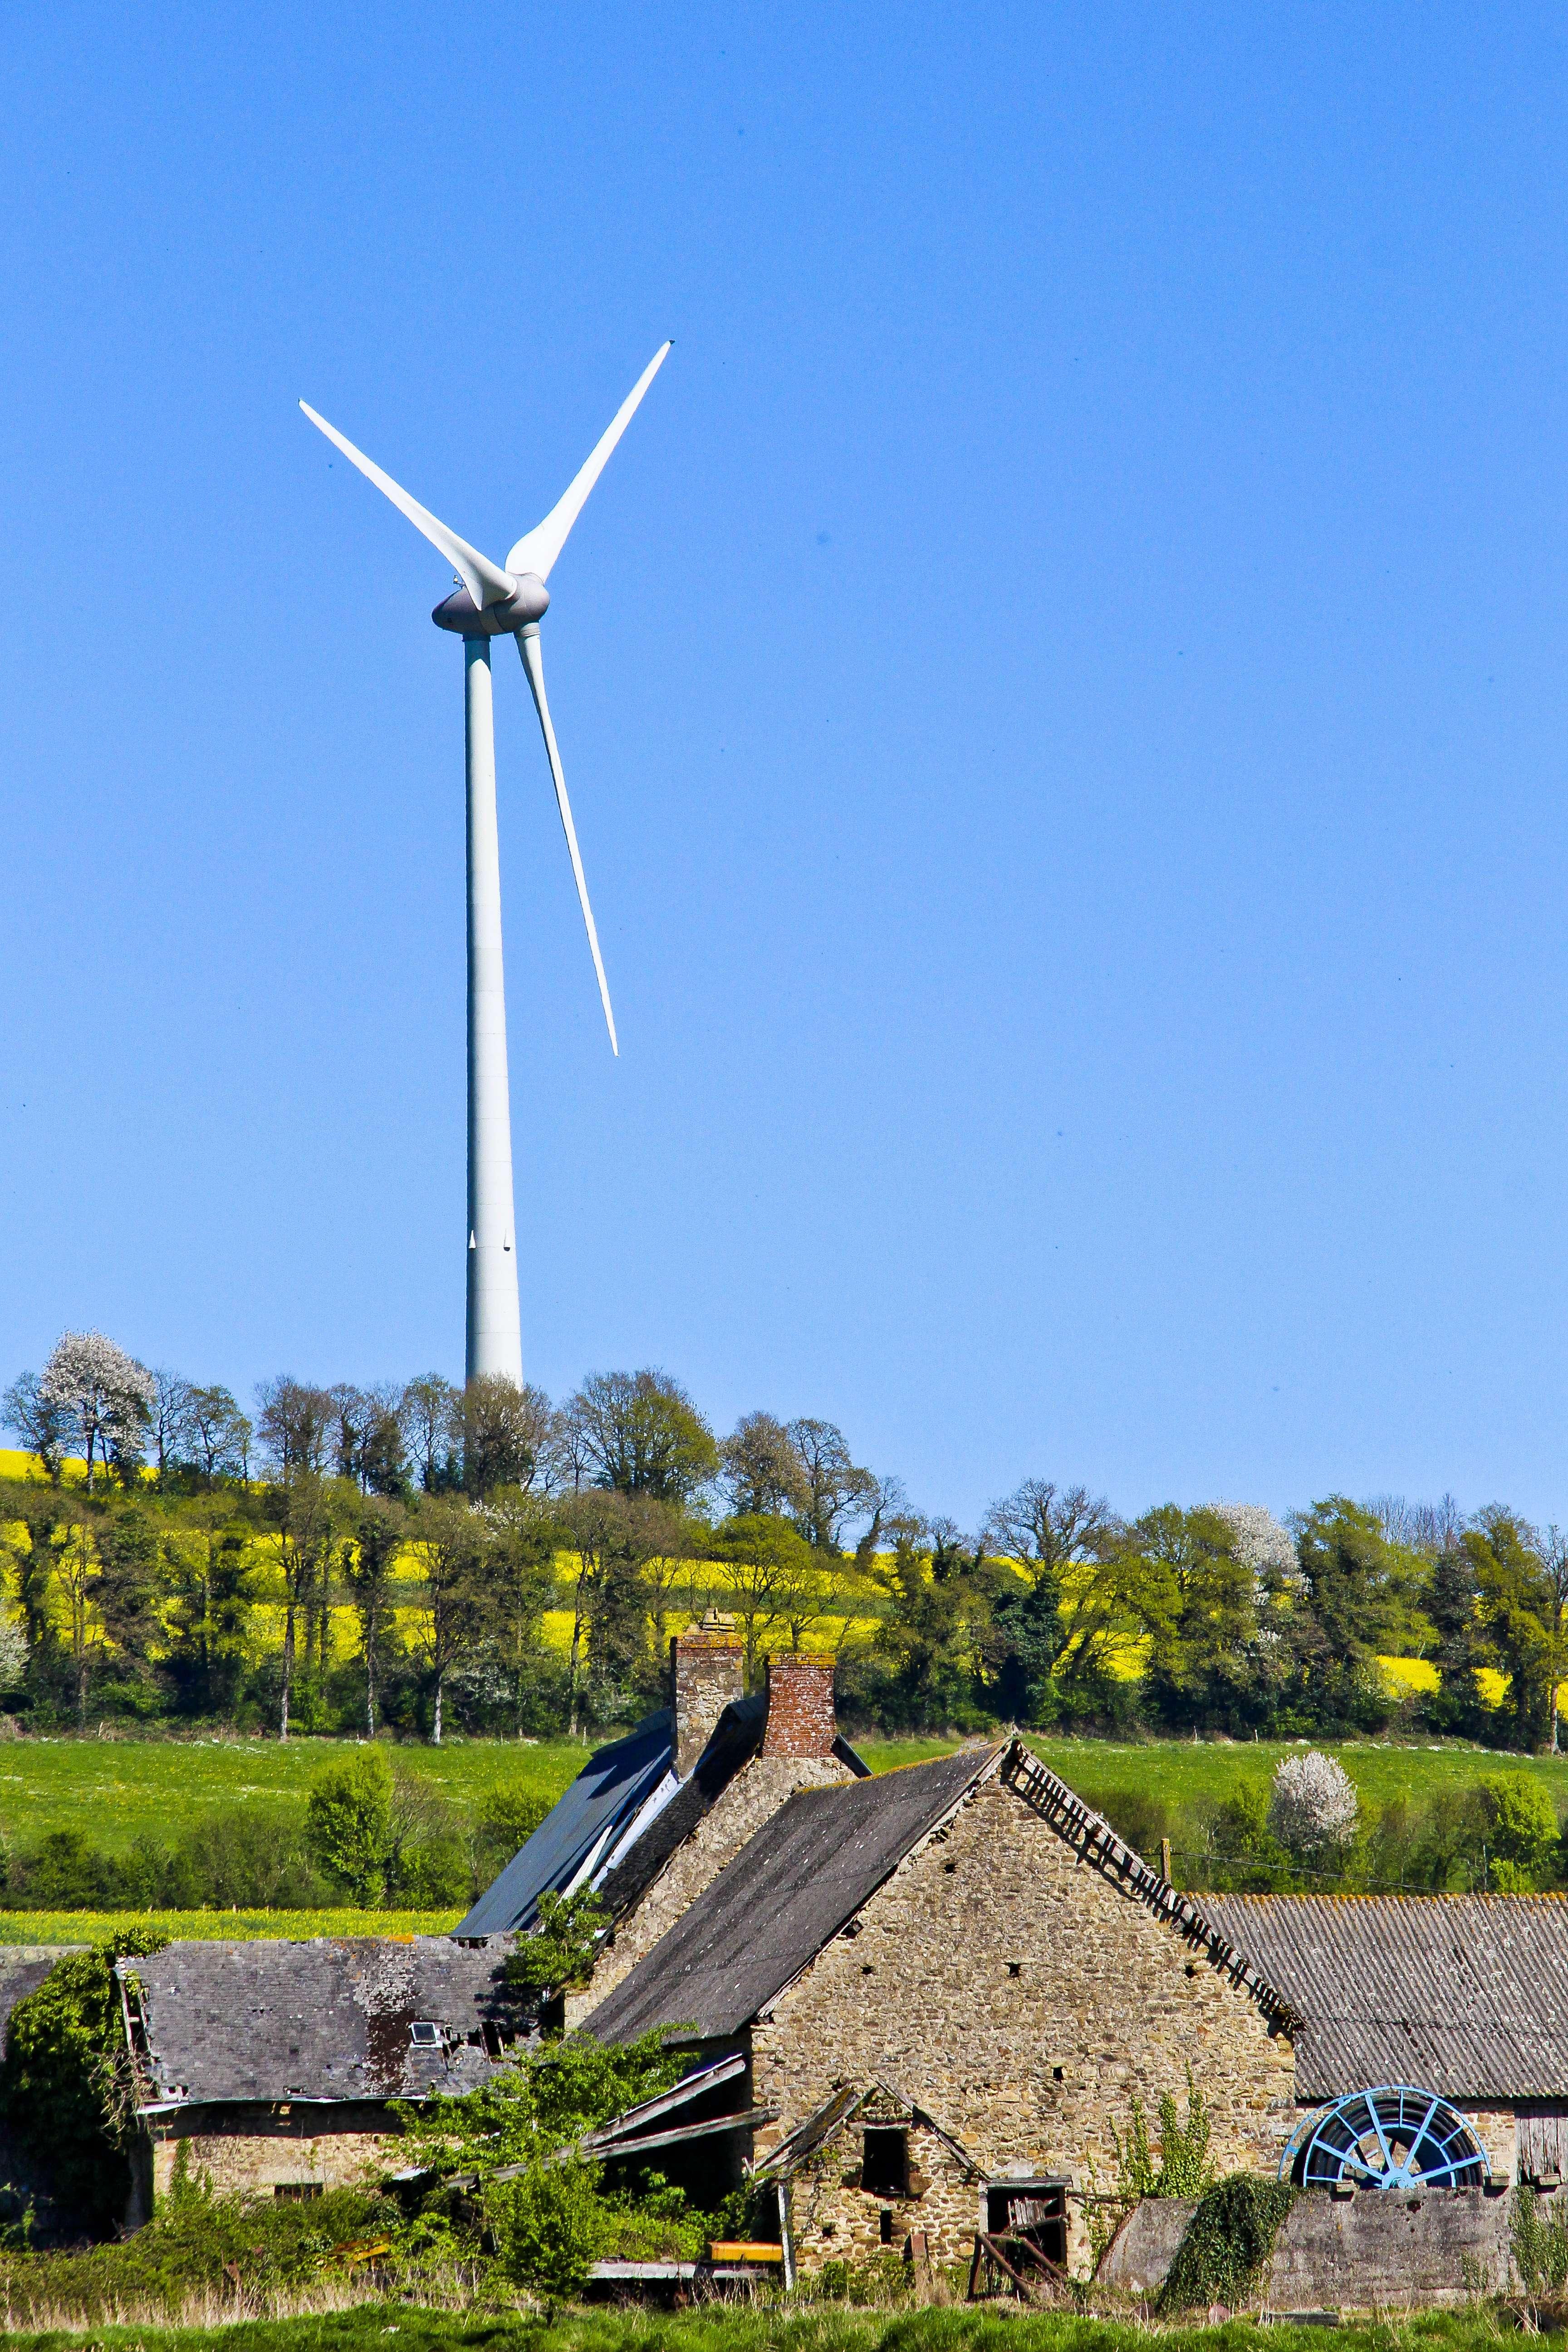 Un hameau de la Mayenne et son éolienne, avril 2017 © Gile MICHEL/SIPA/1705091142